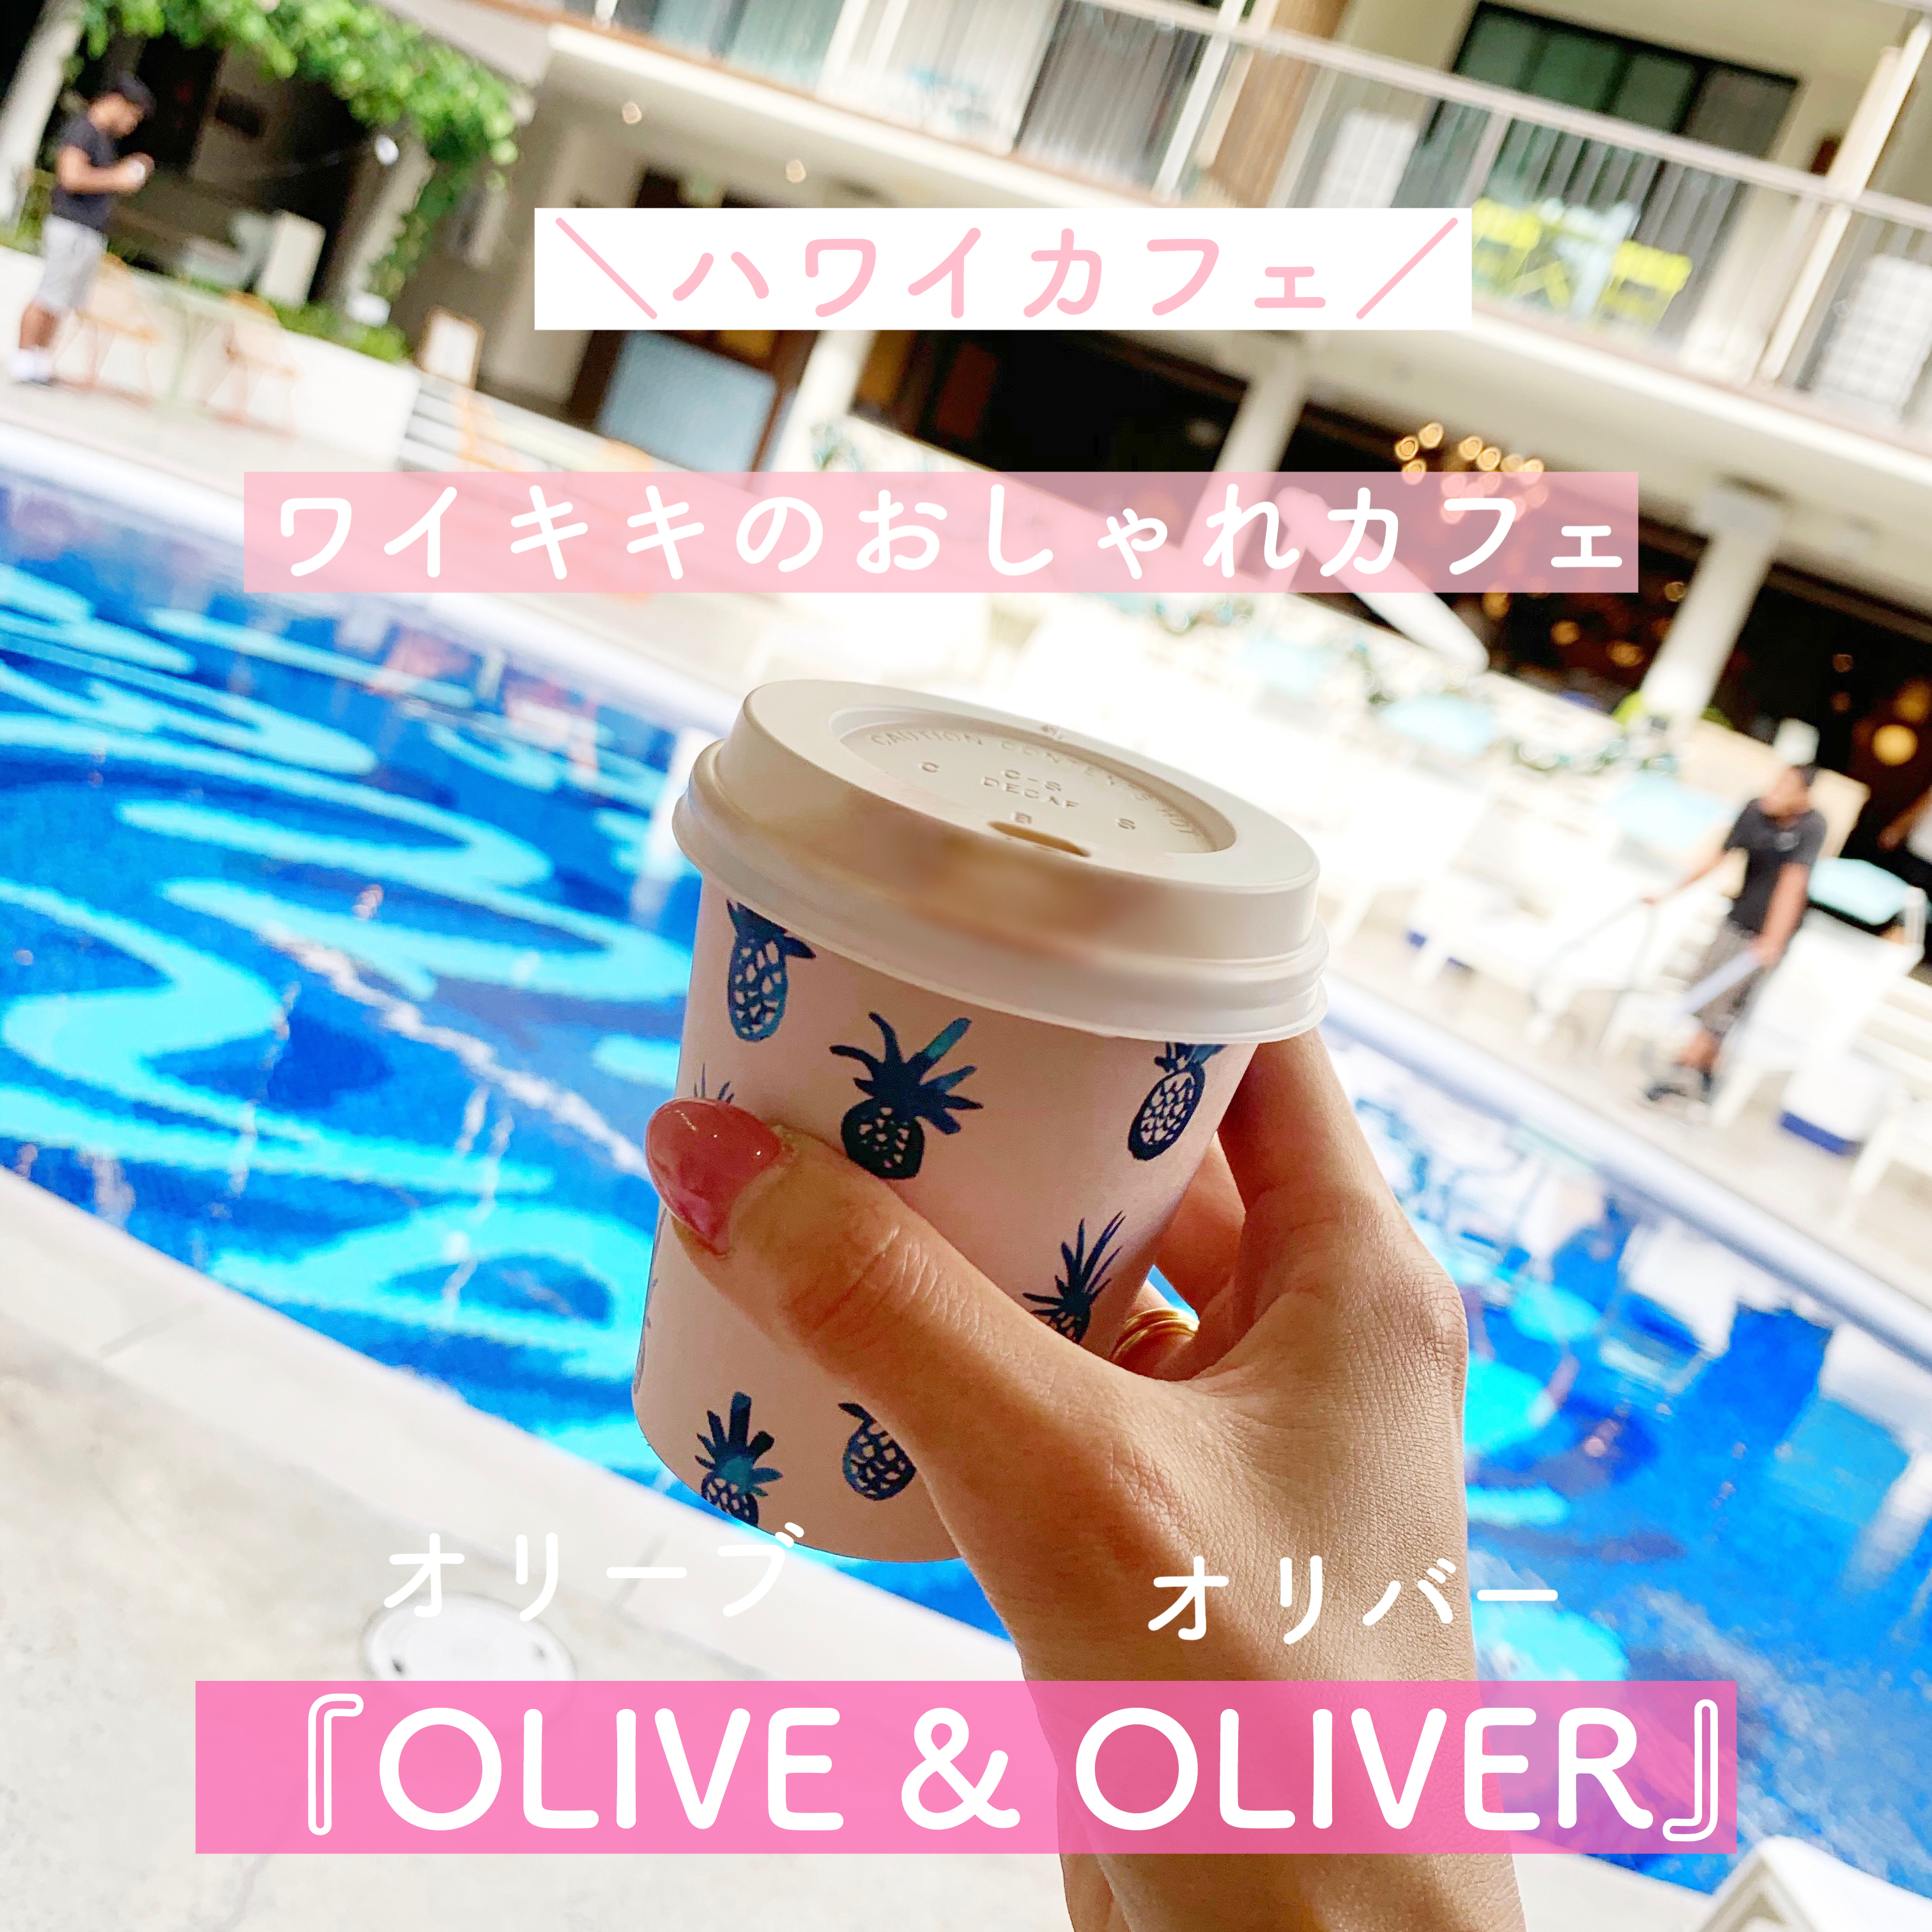 【ワイキキ】「OLIVE&OLIVER(オリーブ&オリバー)」【おしゃれカフェ】